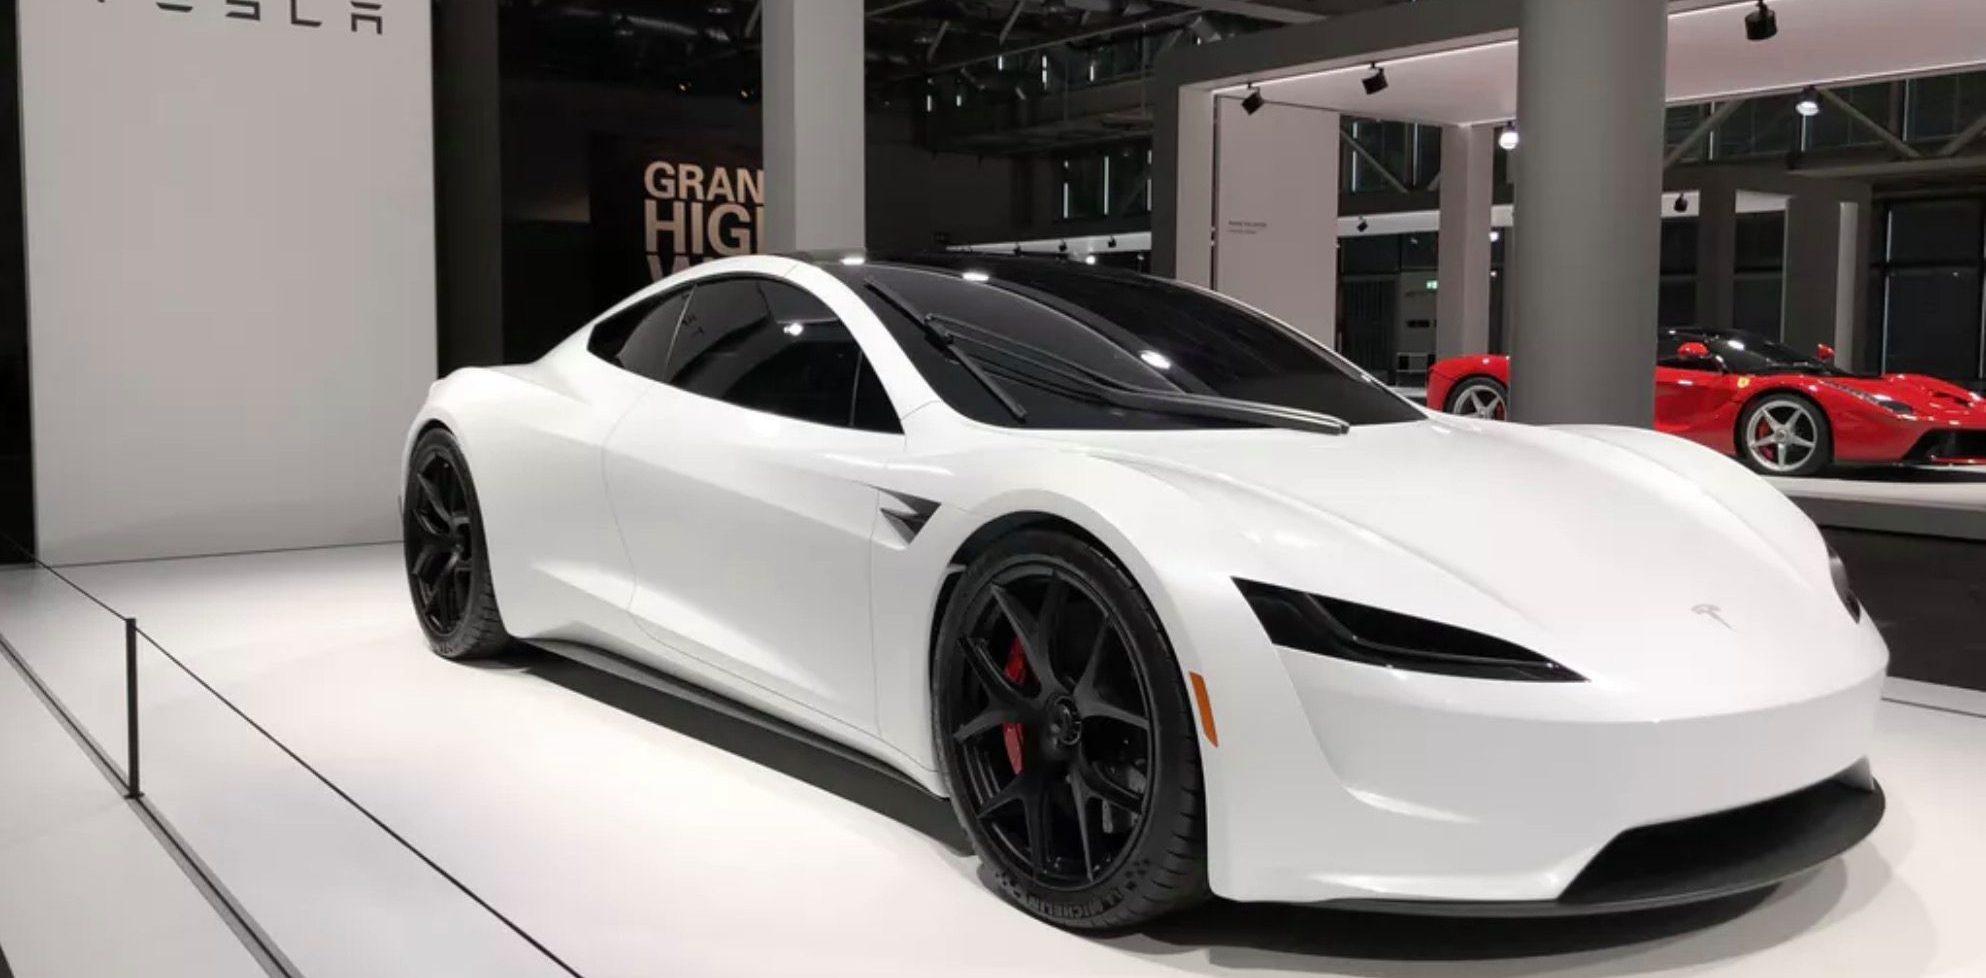 Nuova Tesla Roadster Debutto A Basilea Per La Vettura Elettrica Motori E Auto Investireoggi It